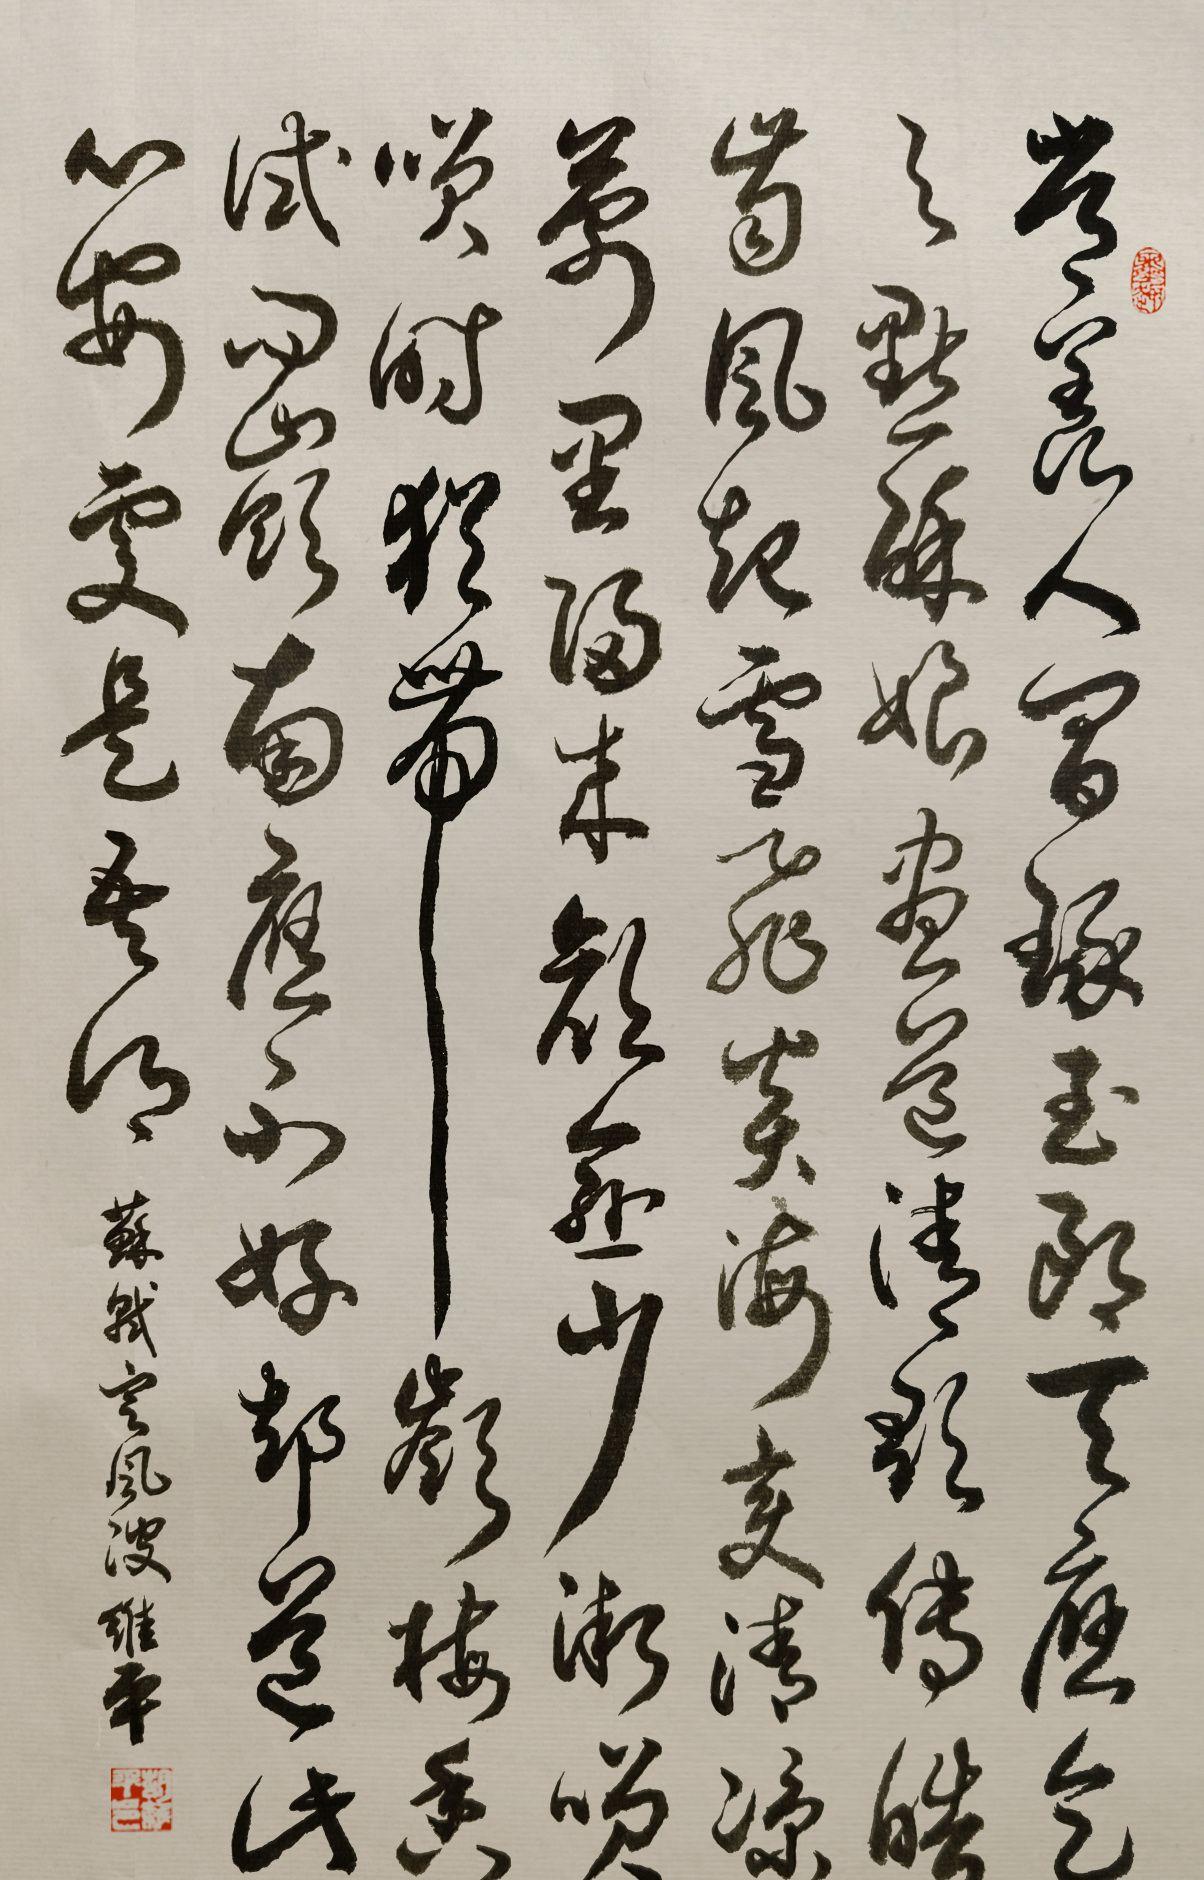 当代书法名家胡维平草书 苏轼《定风波》